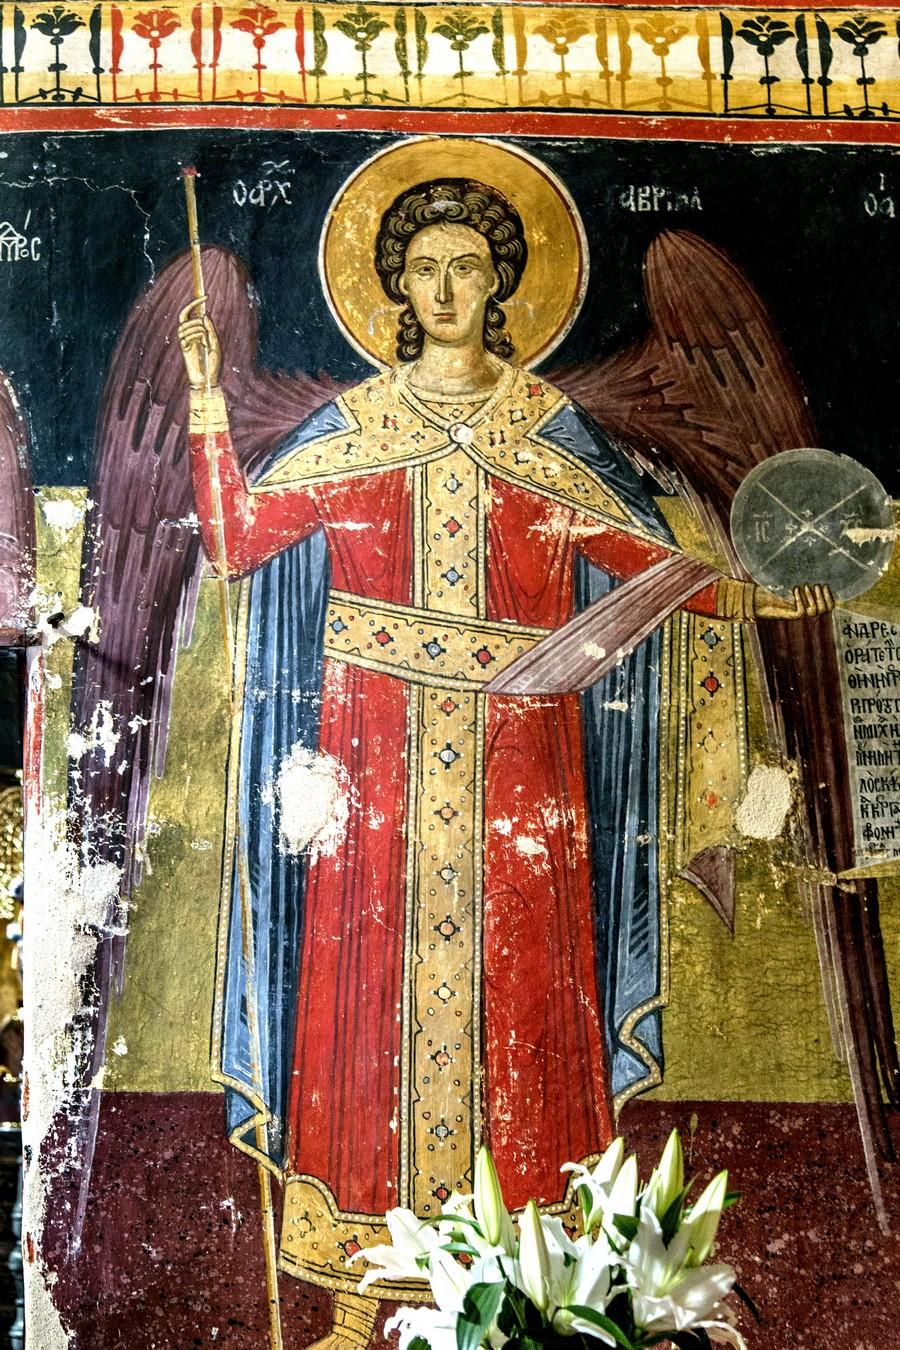 Архангел Гавриил. Фреска монастыря Святого Иоанна Предтечи близ Серр, Греция.